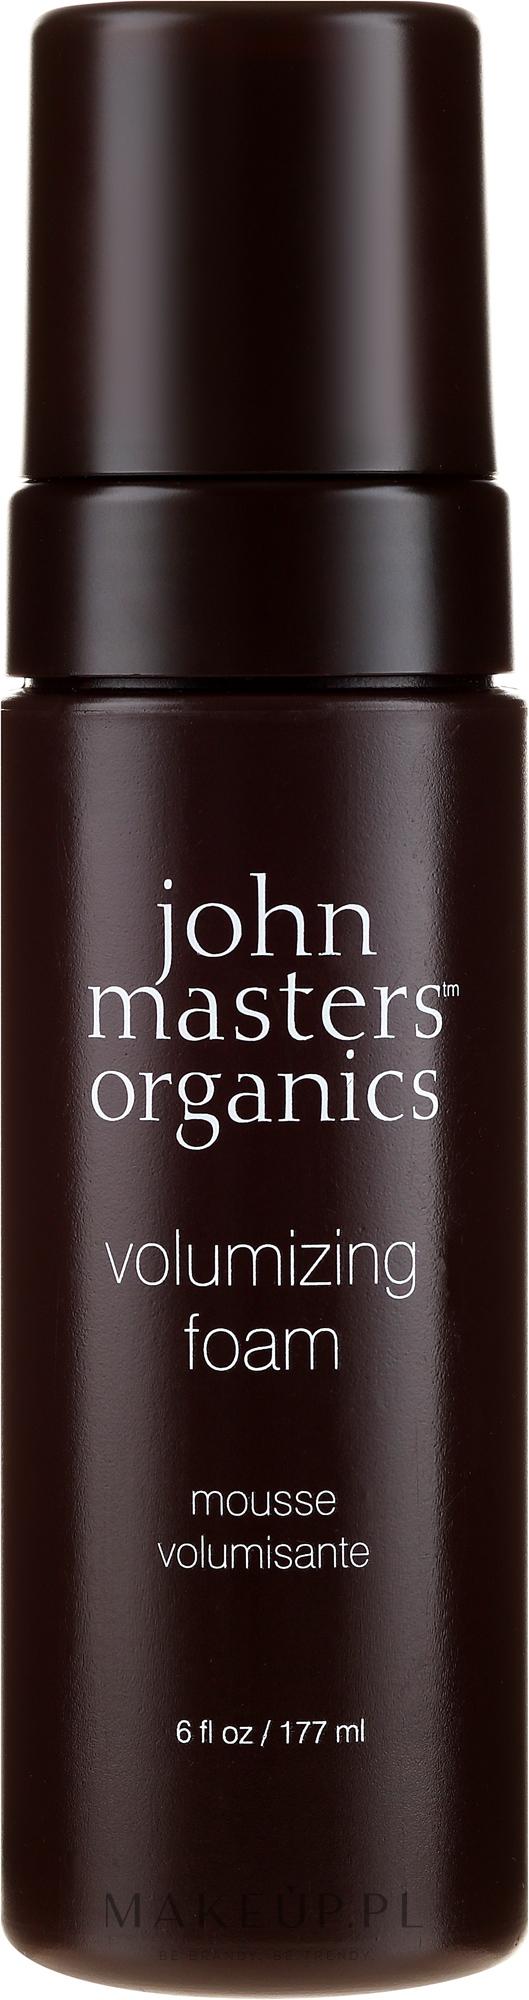 Pianka do włosów zwiększająca objętość - John Masters Organics Volumizing Foam — фото 177 ml